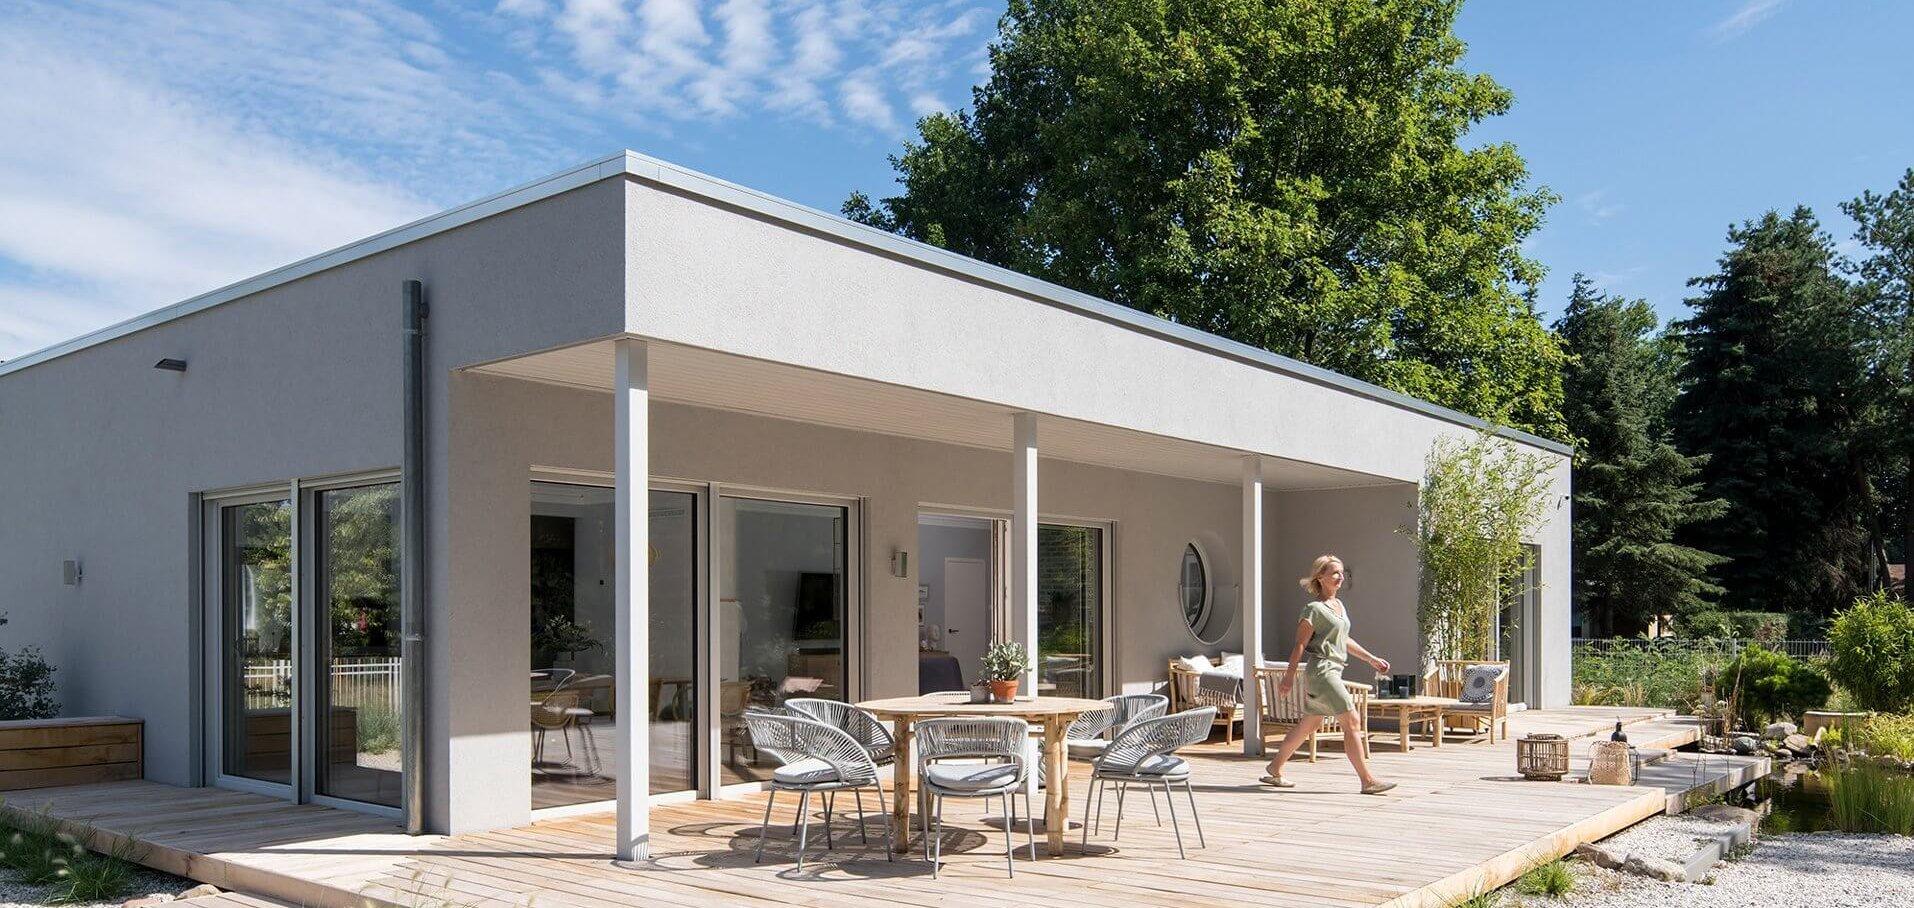 Fertighaus Kaufen Schlusselfertig Bauen Mit Fingerhaus